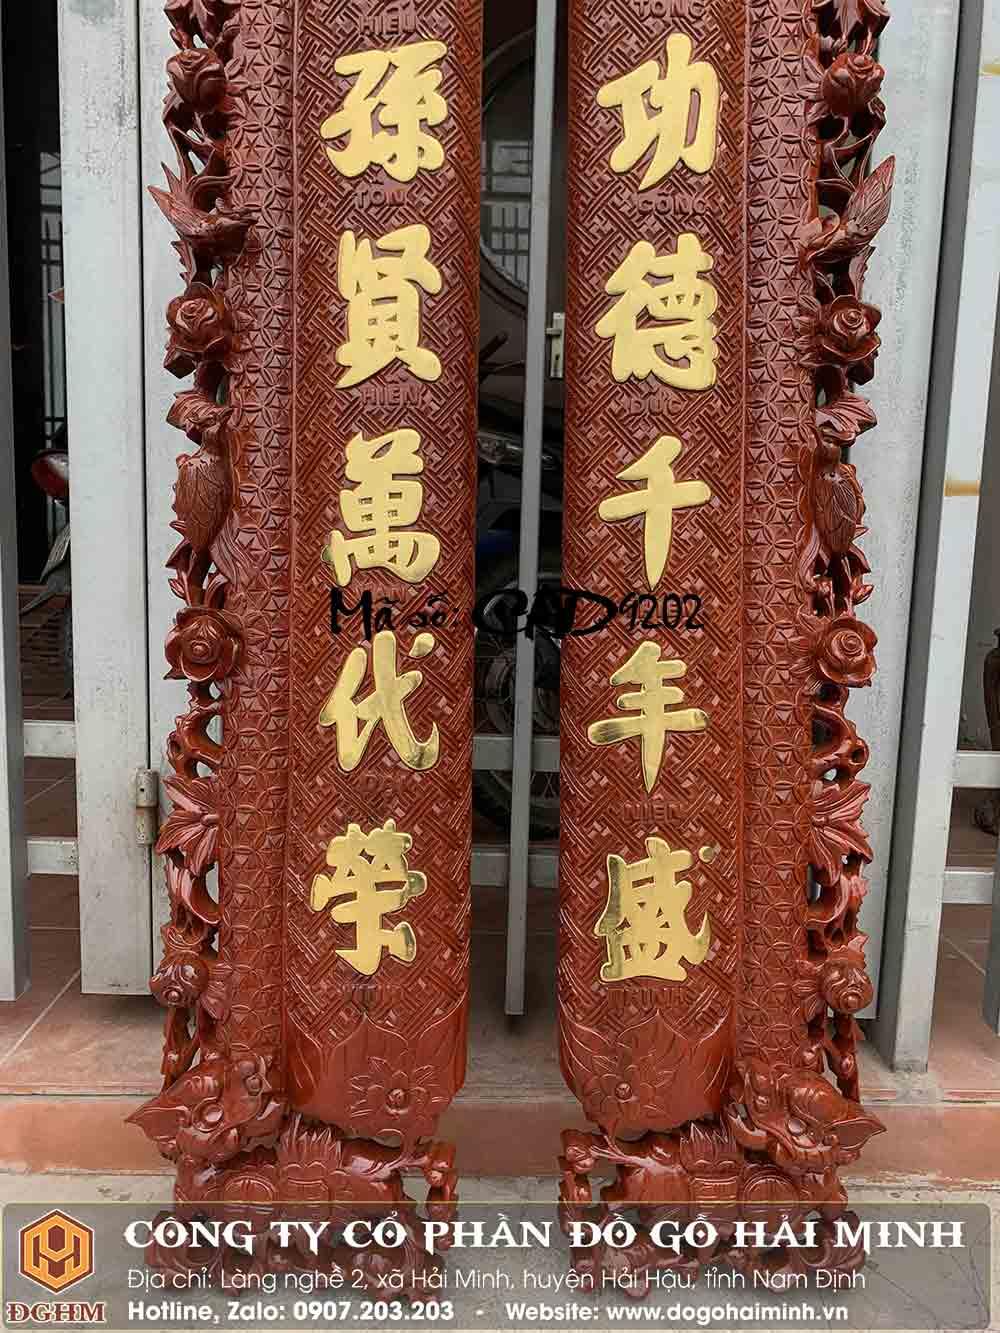 câu đối mai hóa chữ Hán